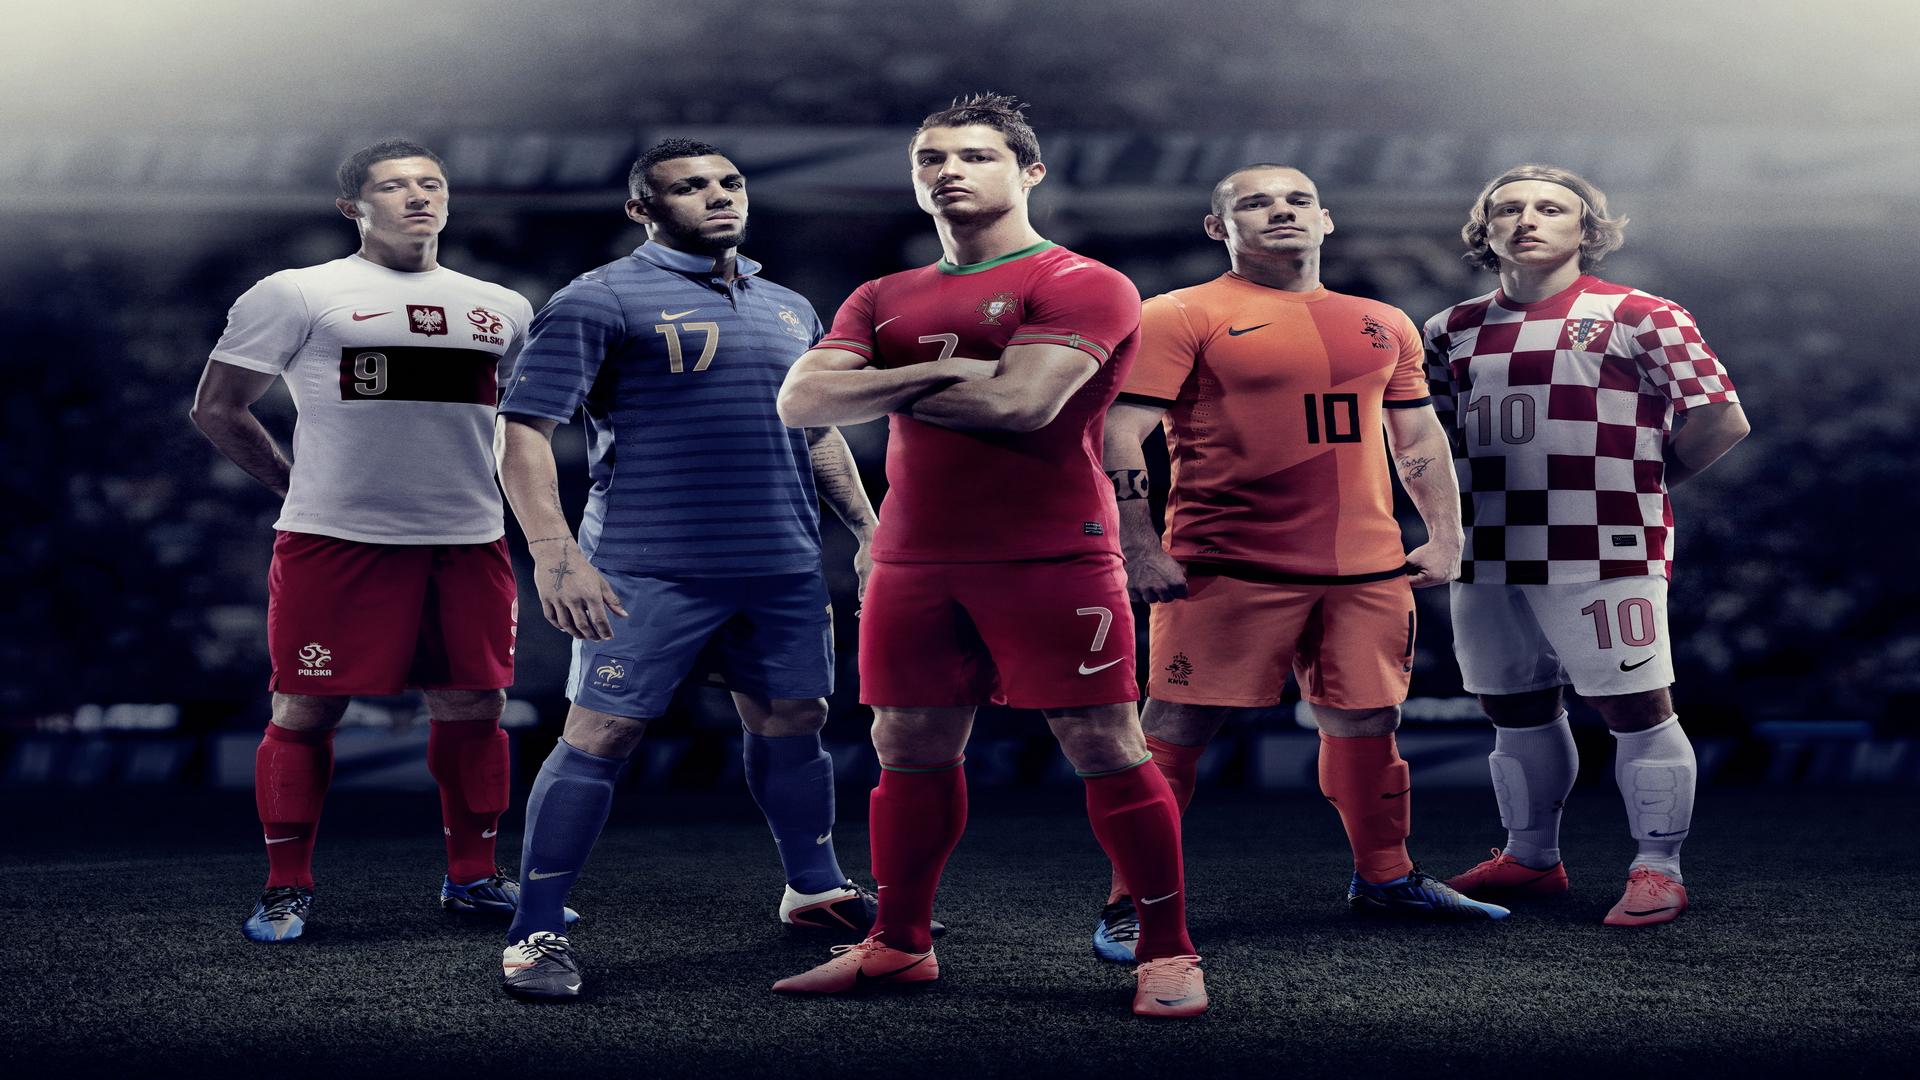 Soccer Girls Wallpaper Free: Soccer Gears